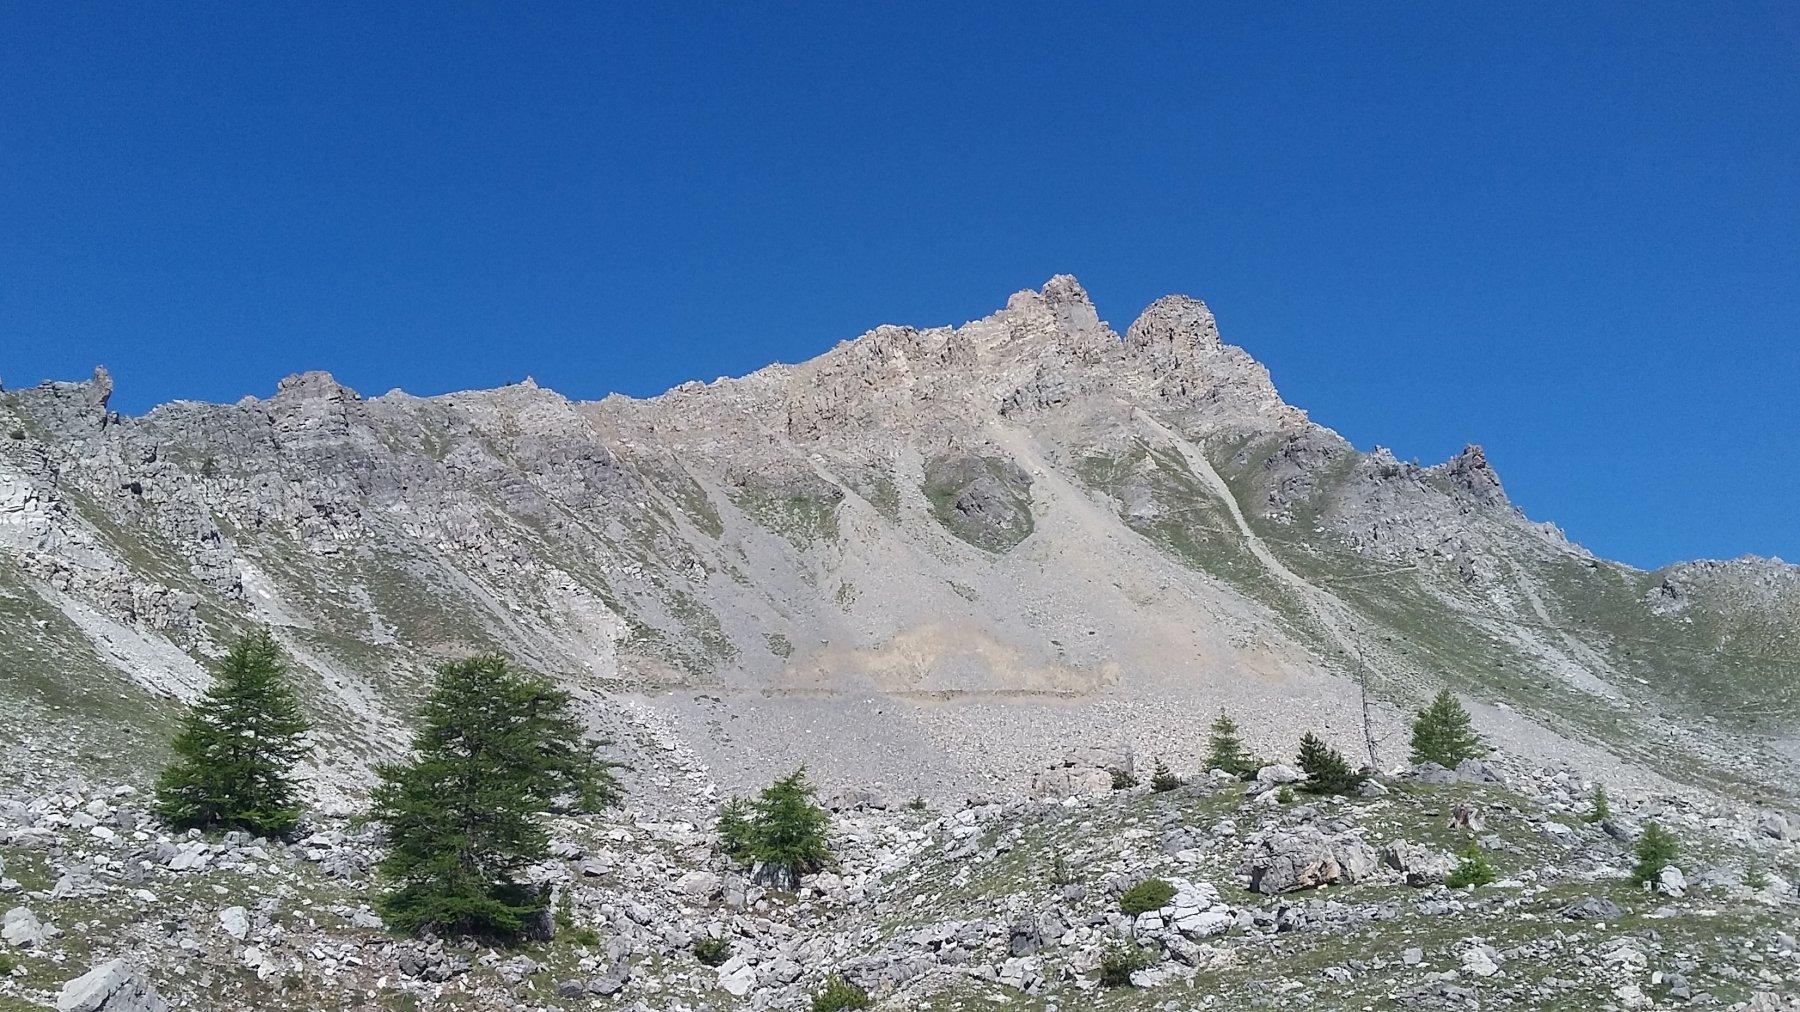 a sinistra la facile cresta percorsa in salita al centro il sentiero della normale